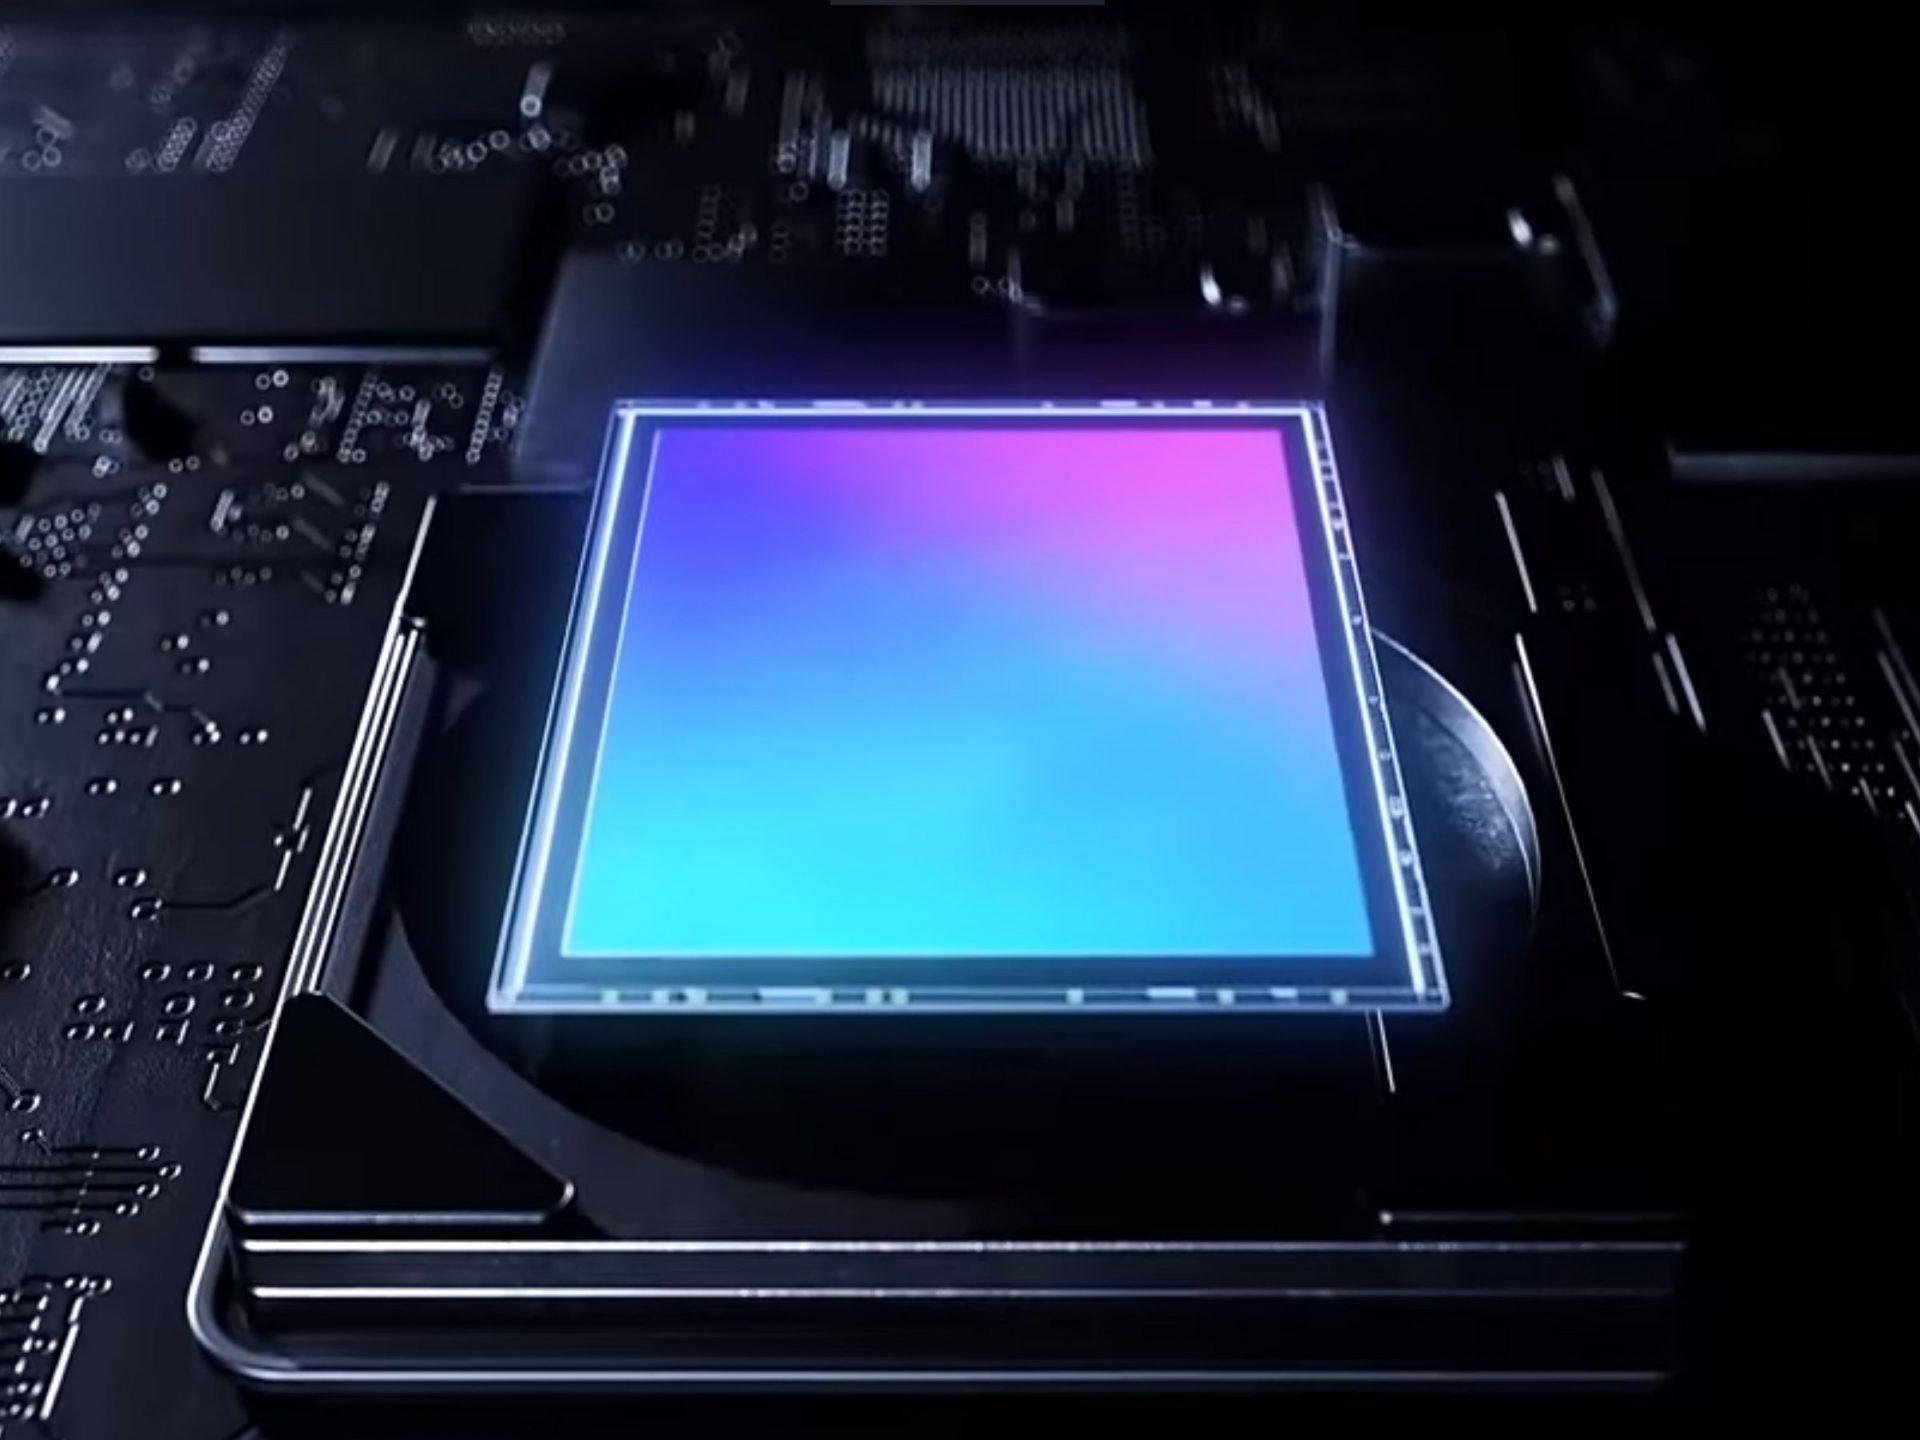 Samsung investe nel reparto dei sensori fotografici per competere con Sony